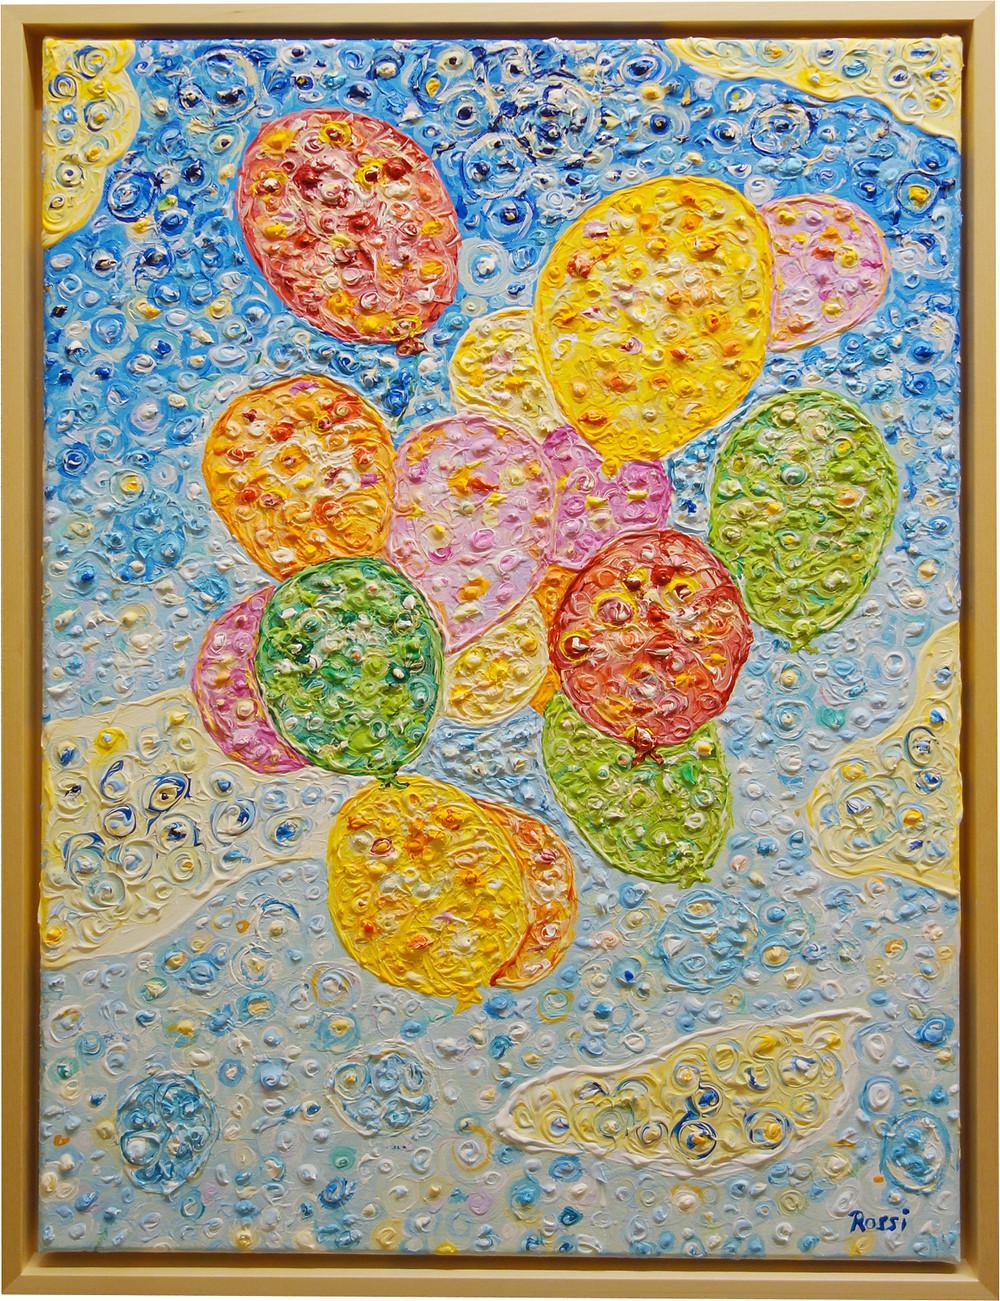 Auf dem Gemälde sind fliegende Ballons zu sehen, die an Wolken vorbeifliegen. Acrylfarbe.